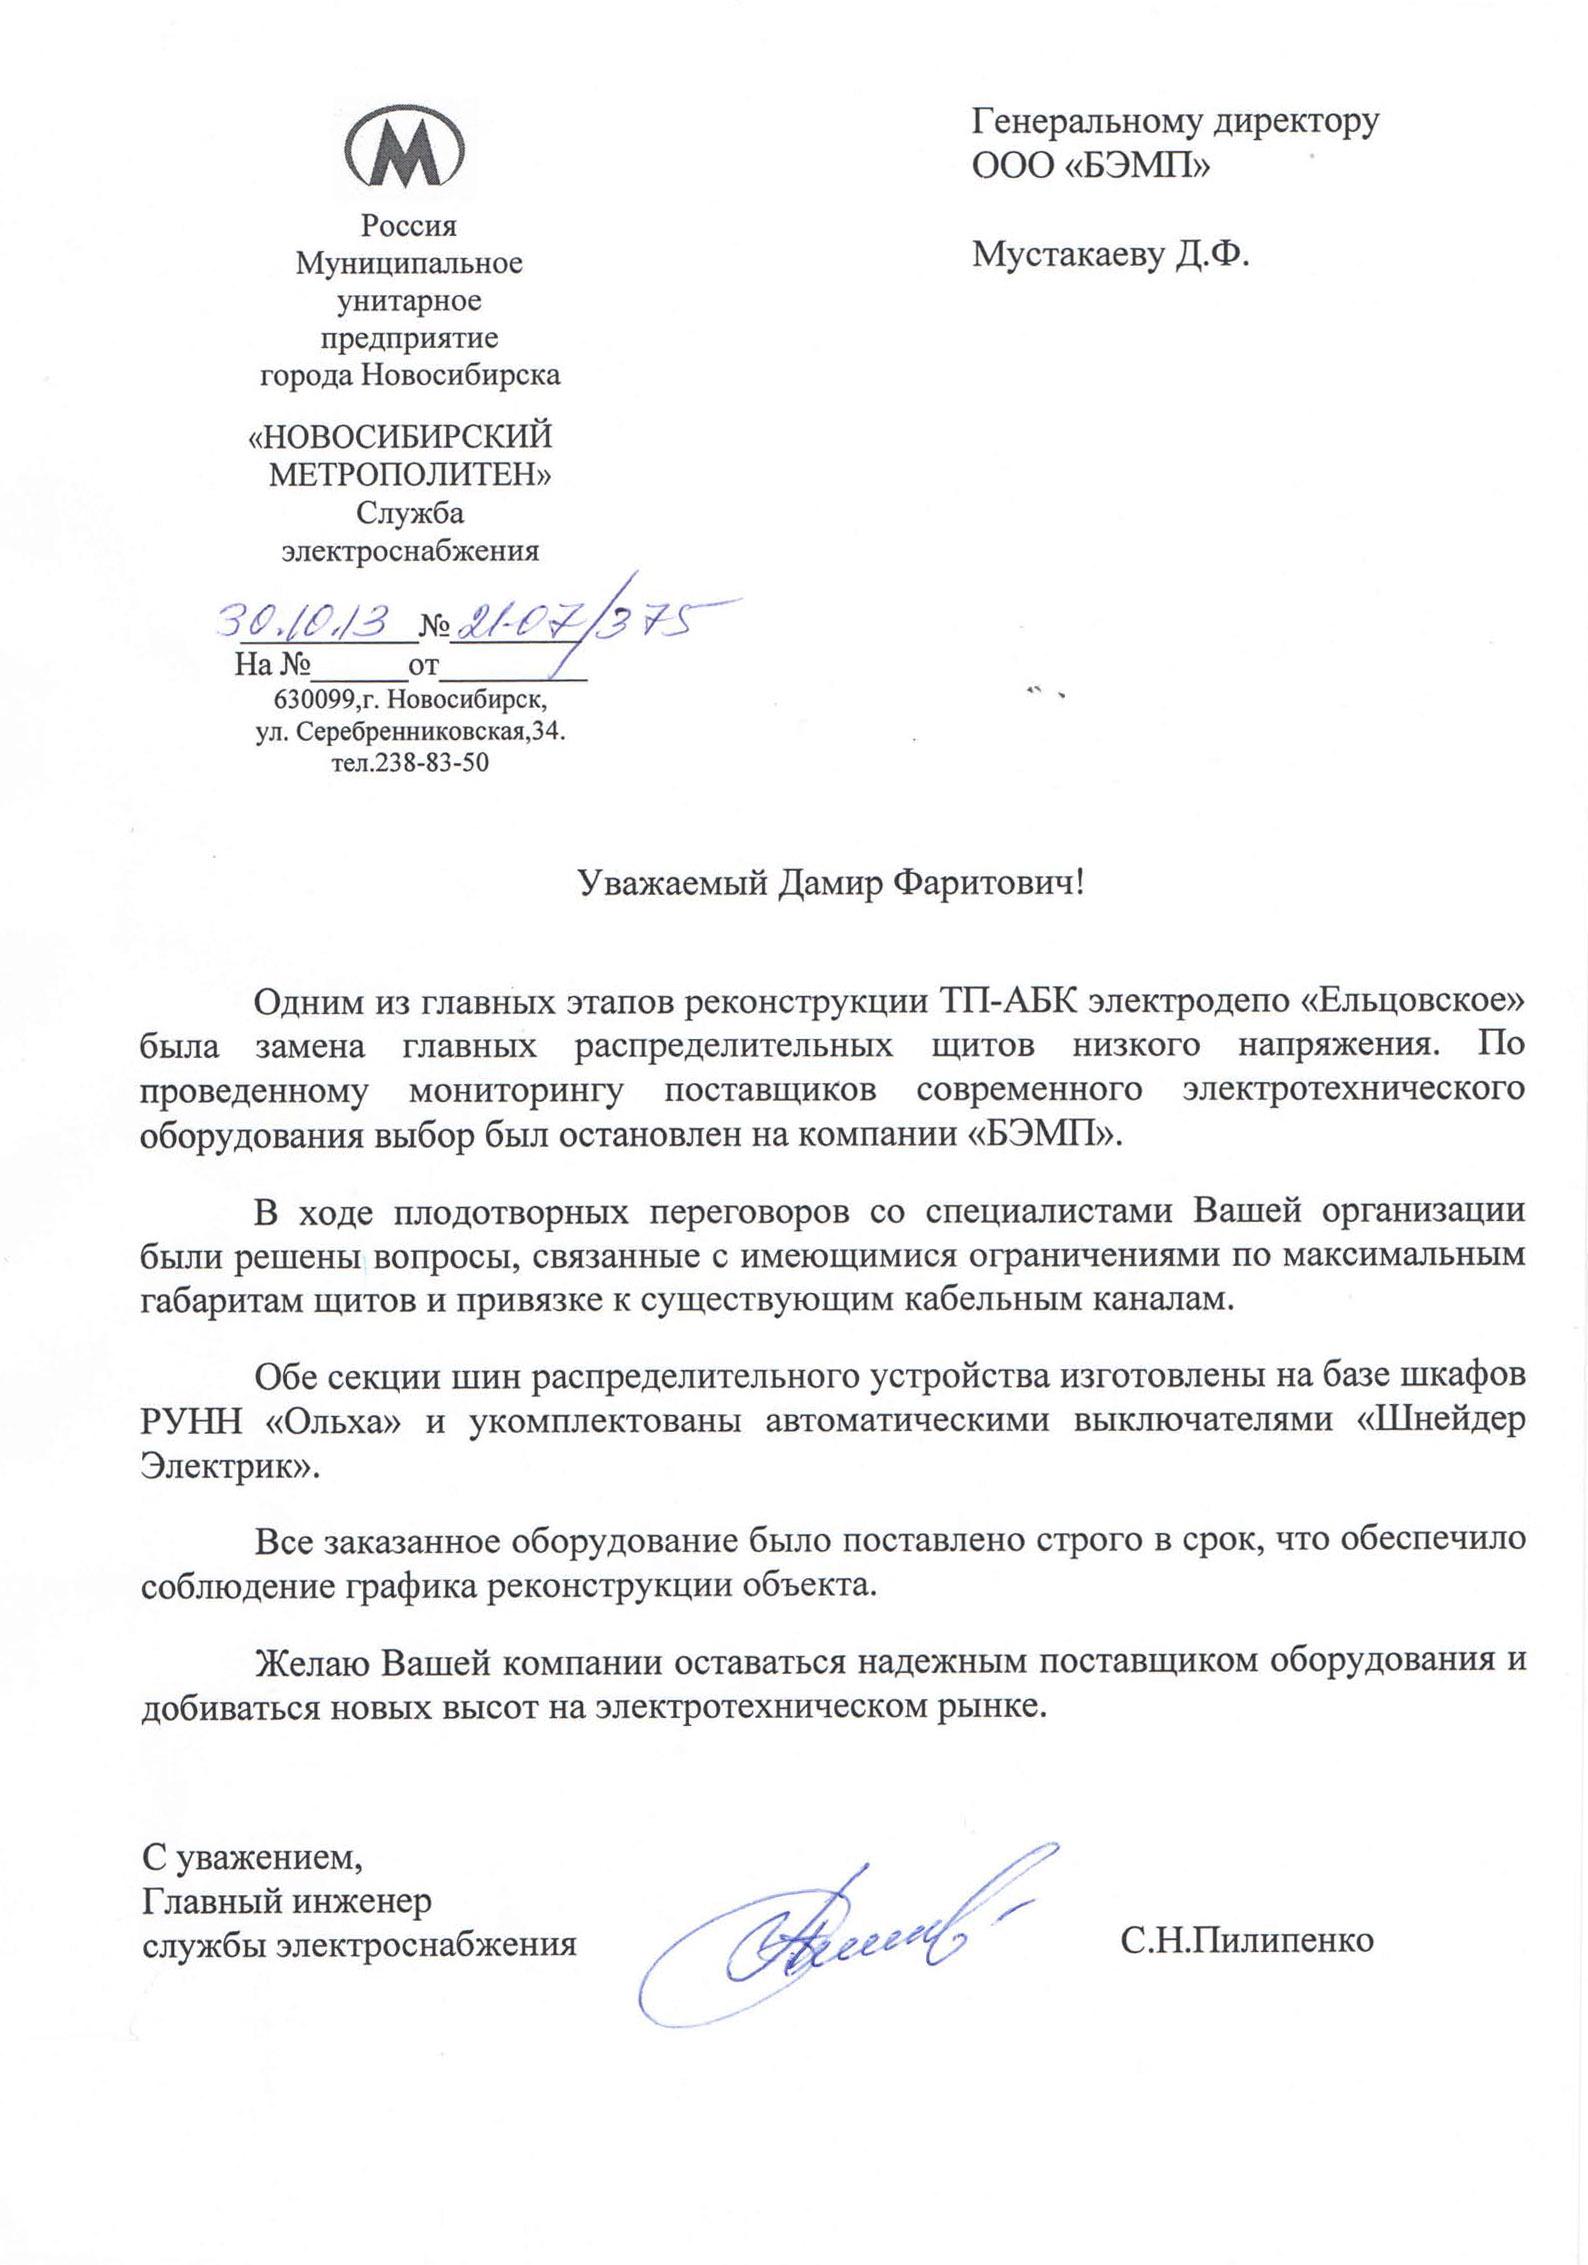 Новосибирский метрополитен-139_file